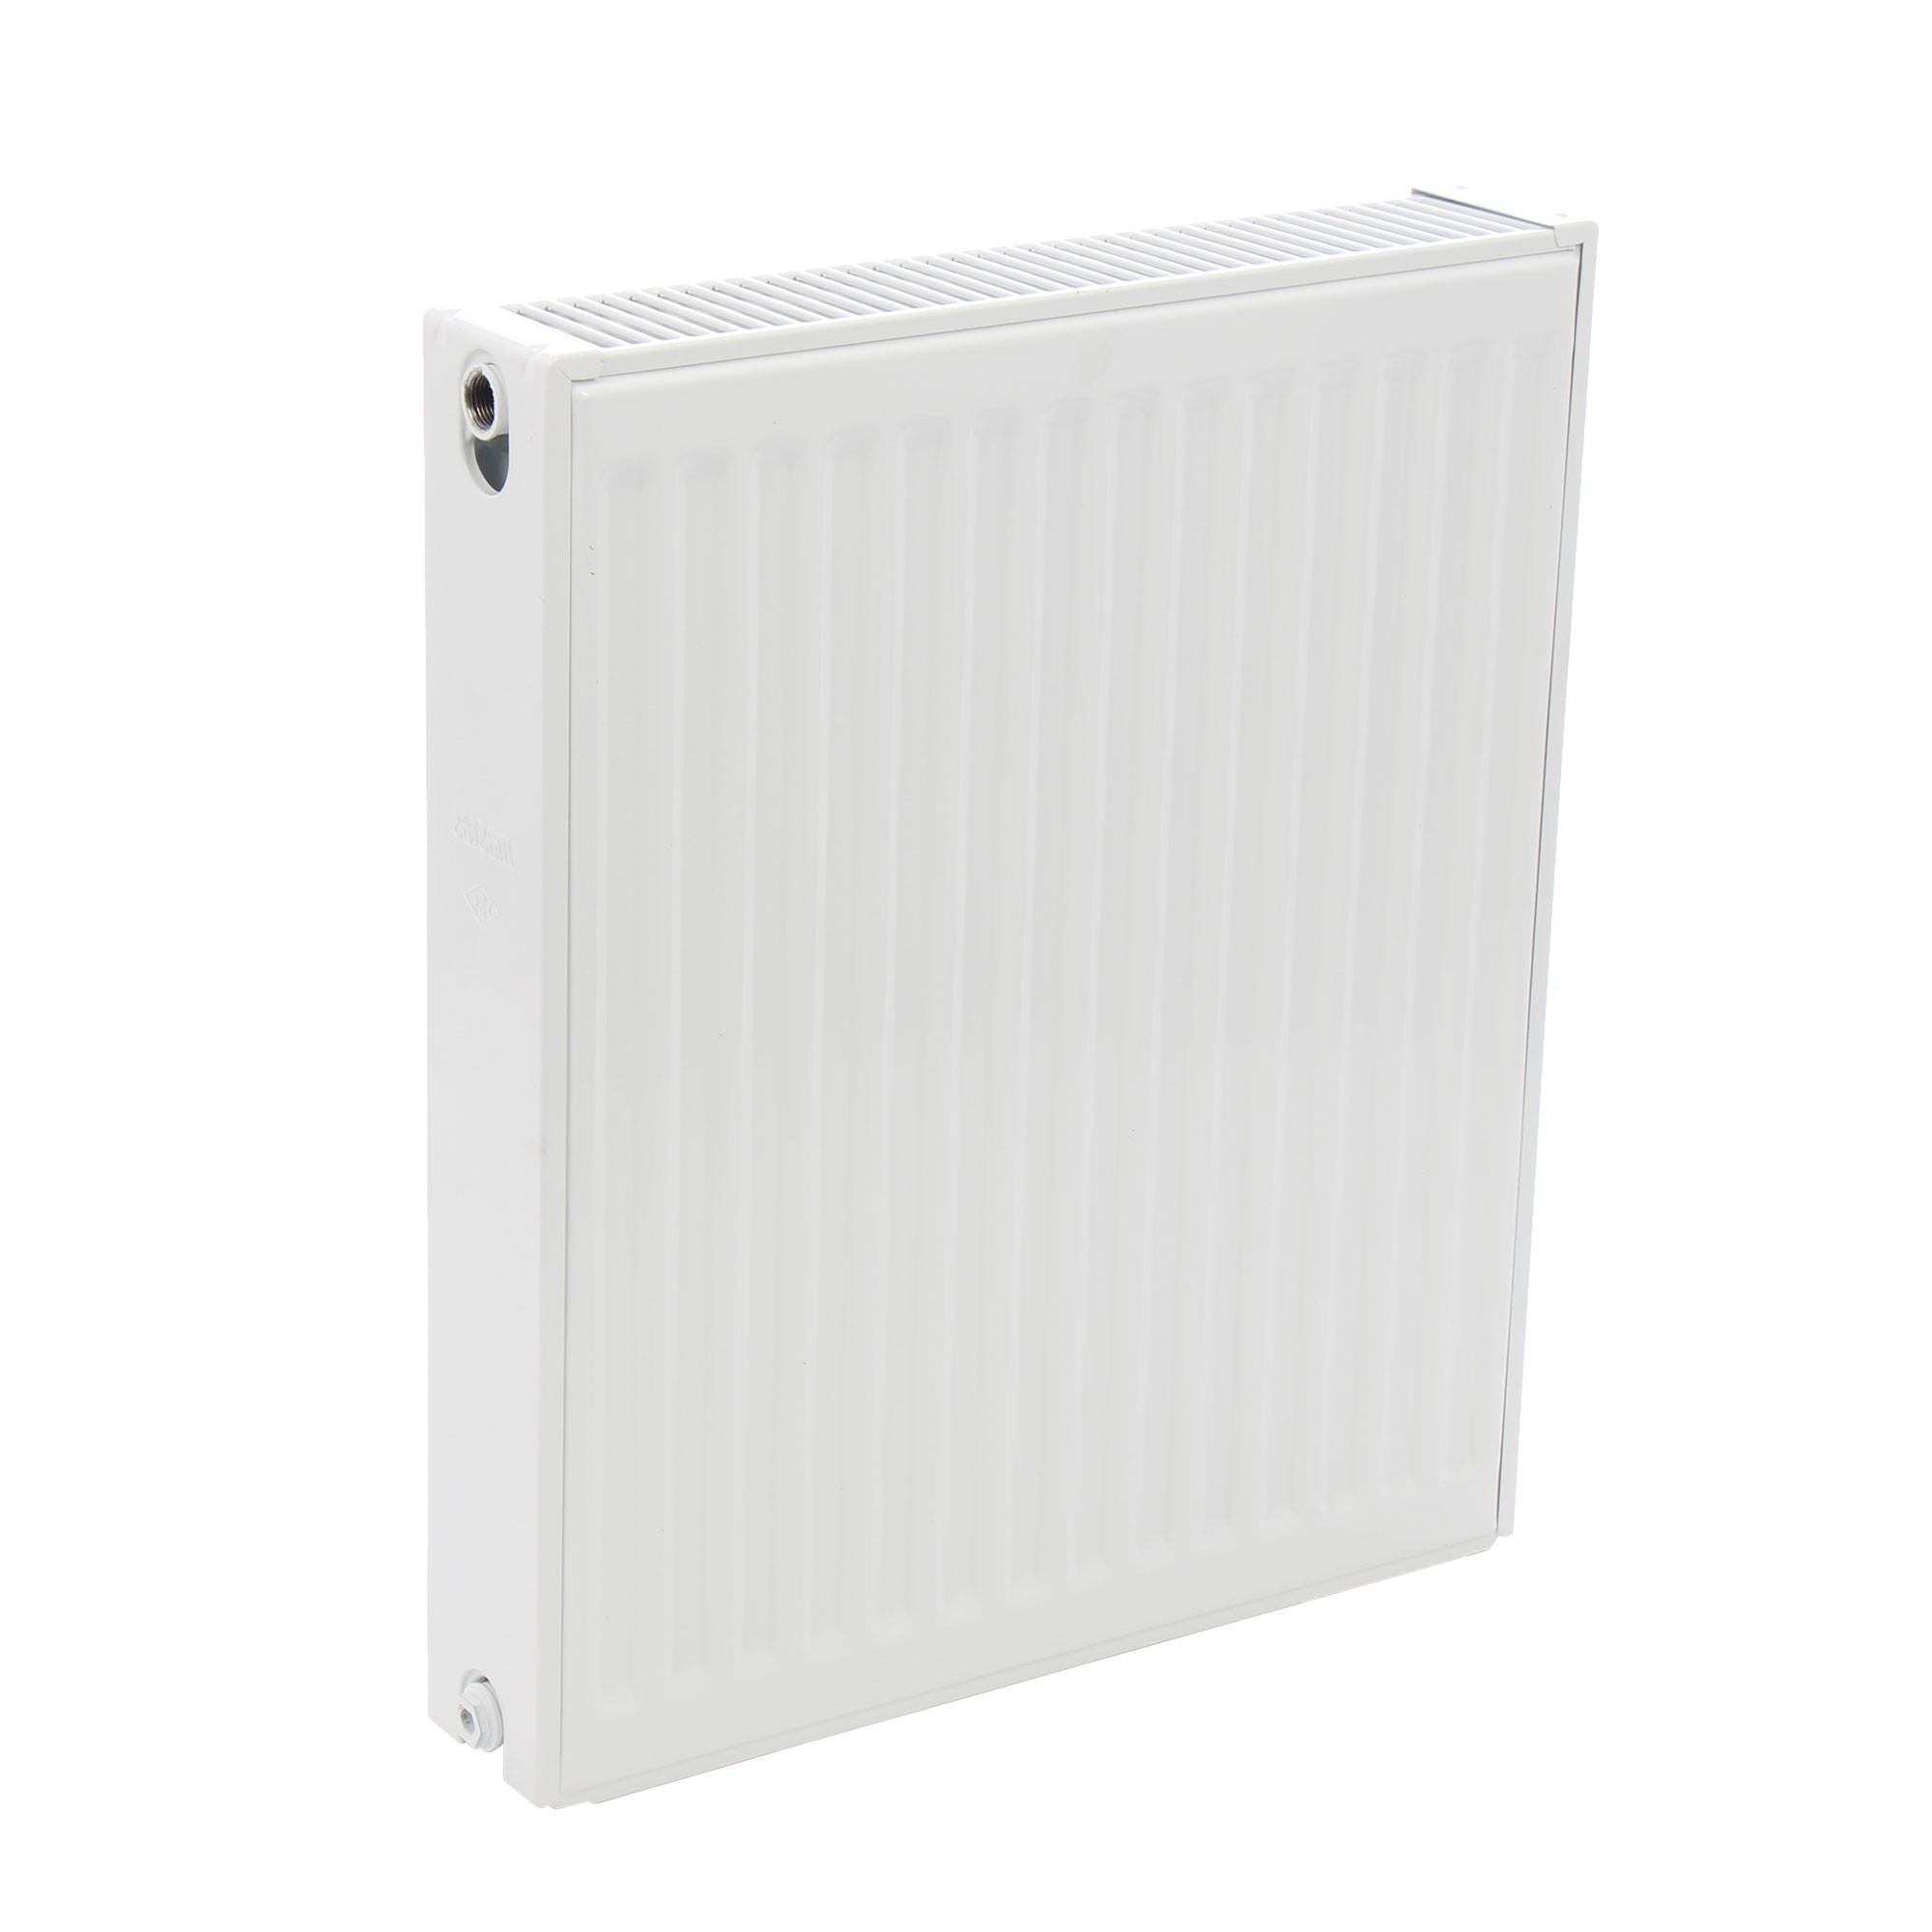 Radiator (calorifer) otel VIGO 22, 600 x 400 mm, accesorii incluse imagine fornello.ro